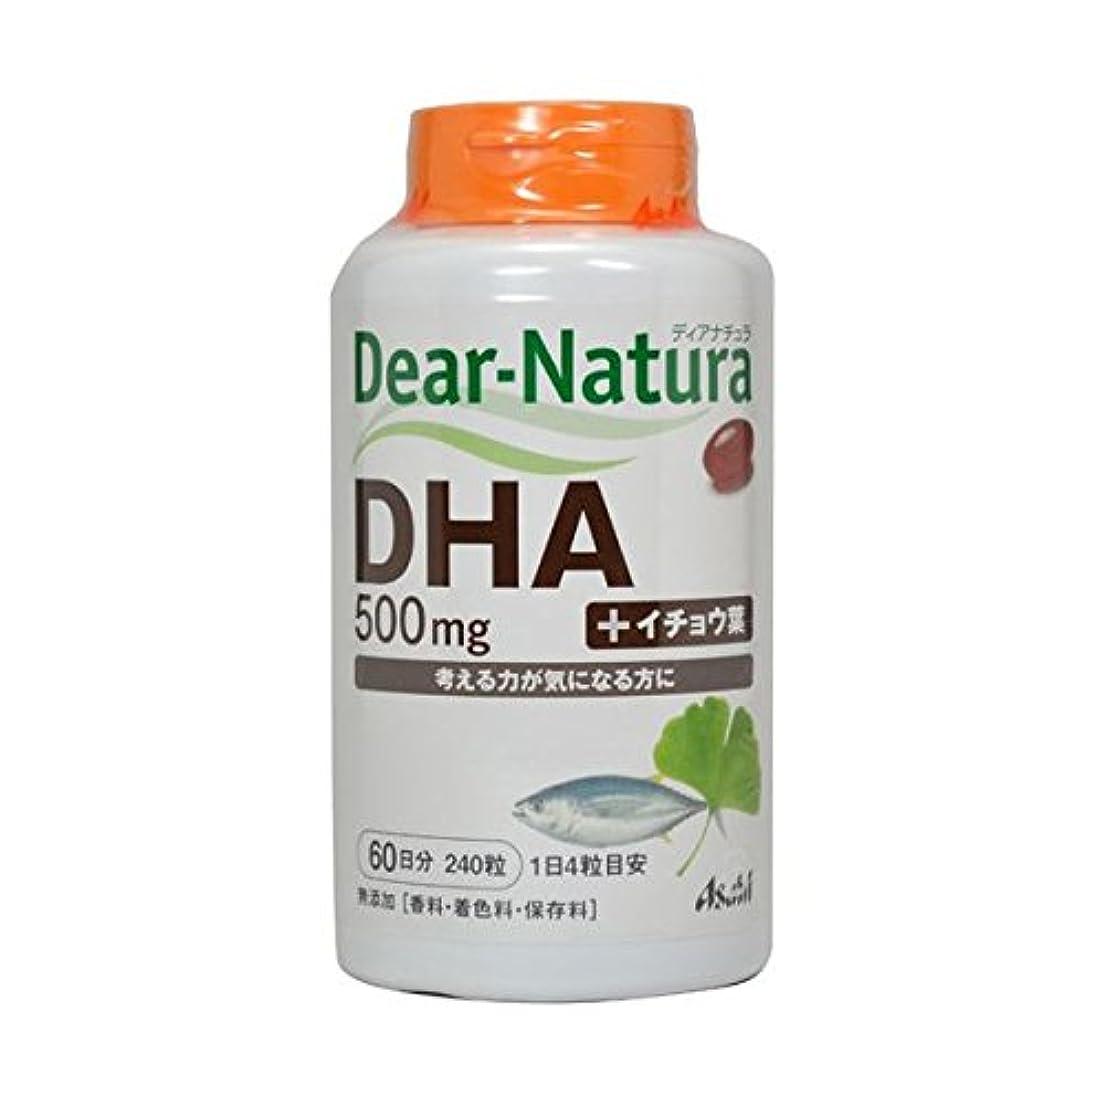 バスルーム物理的に概要アサヒグループ食品 ディアナチュラ DHA+イチョウ葉 240粒(60日)【2個セット】